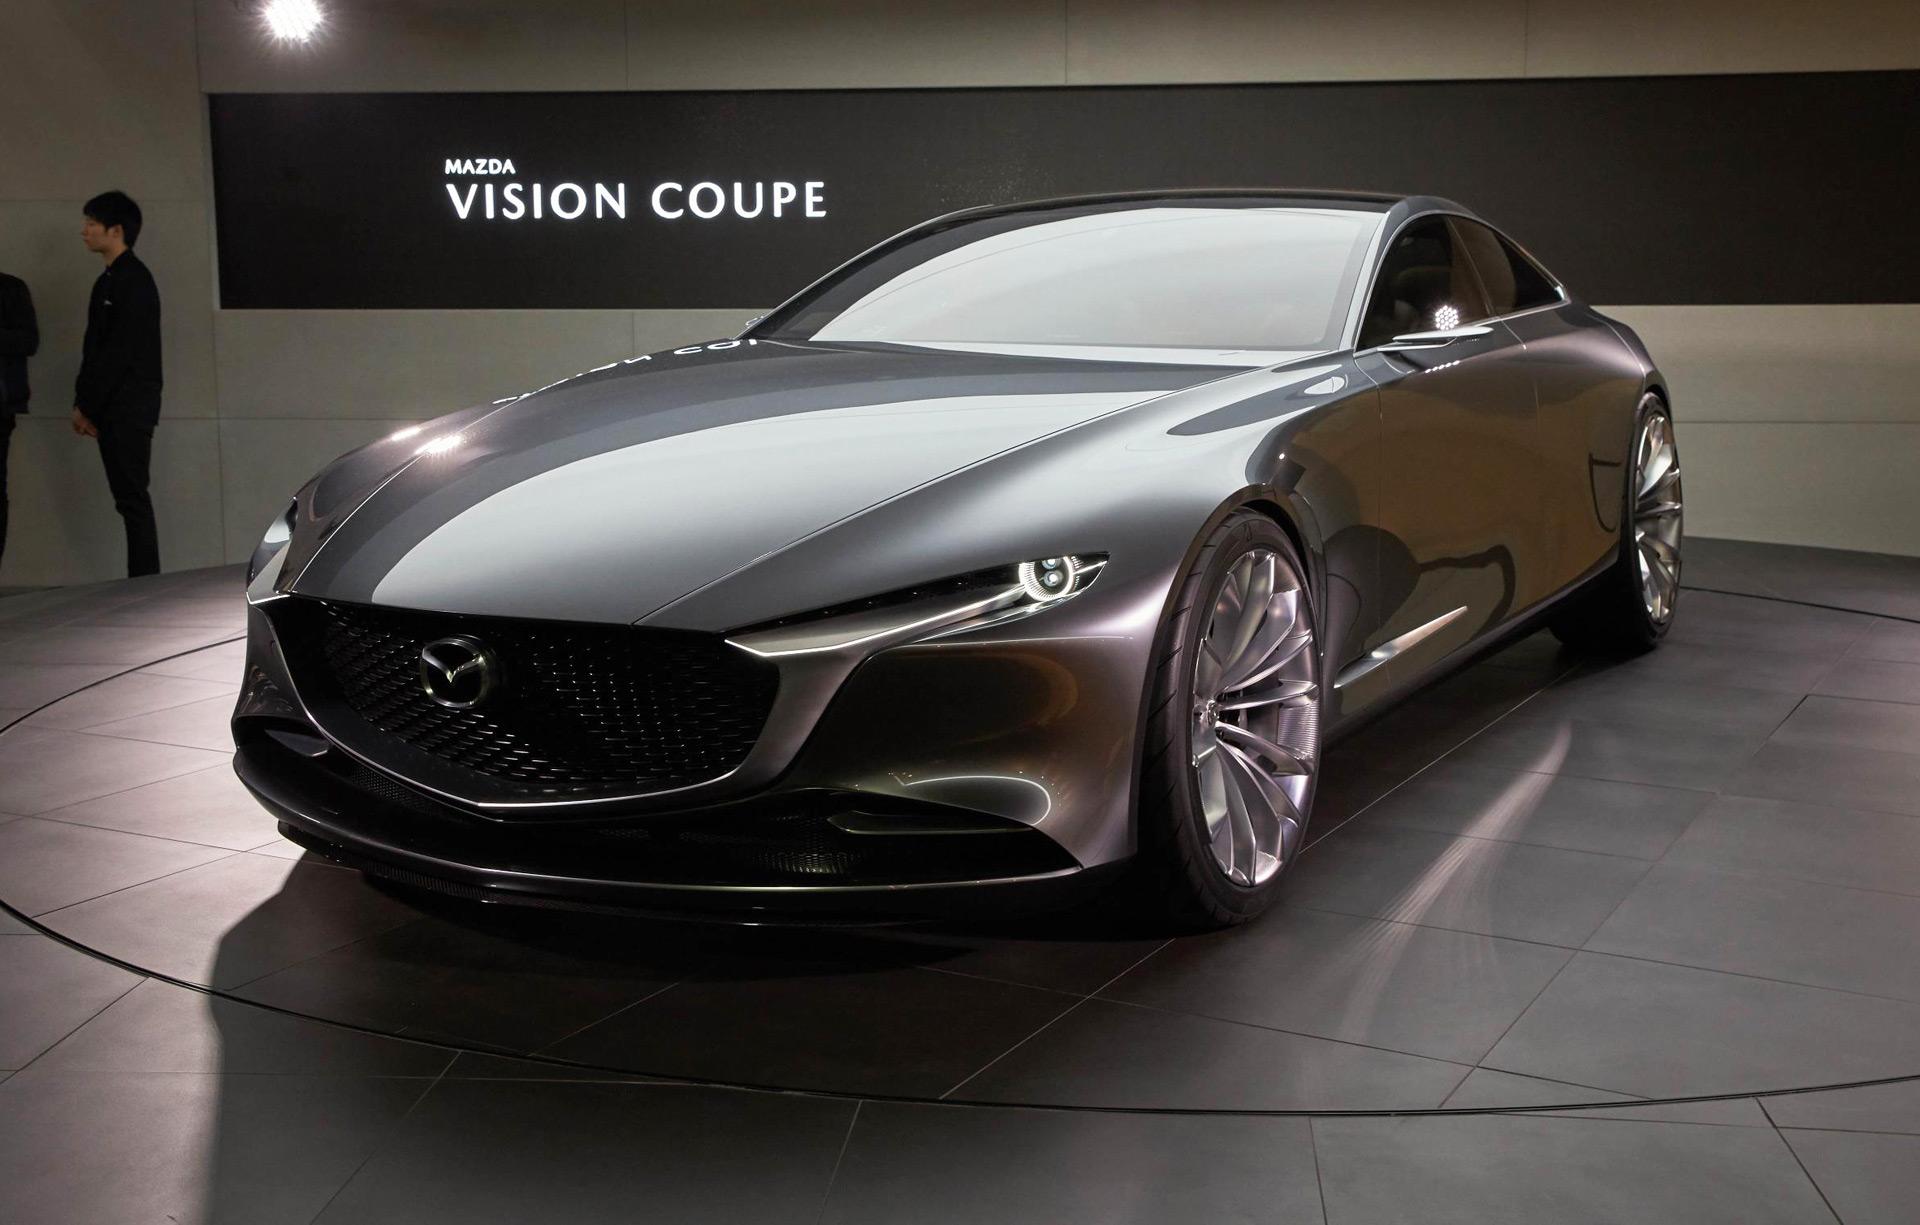 2021 mazda vision coupe